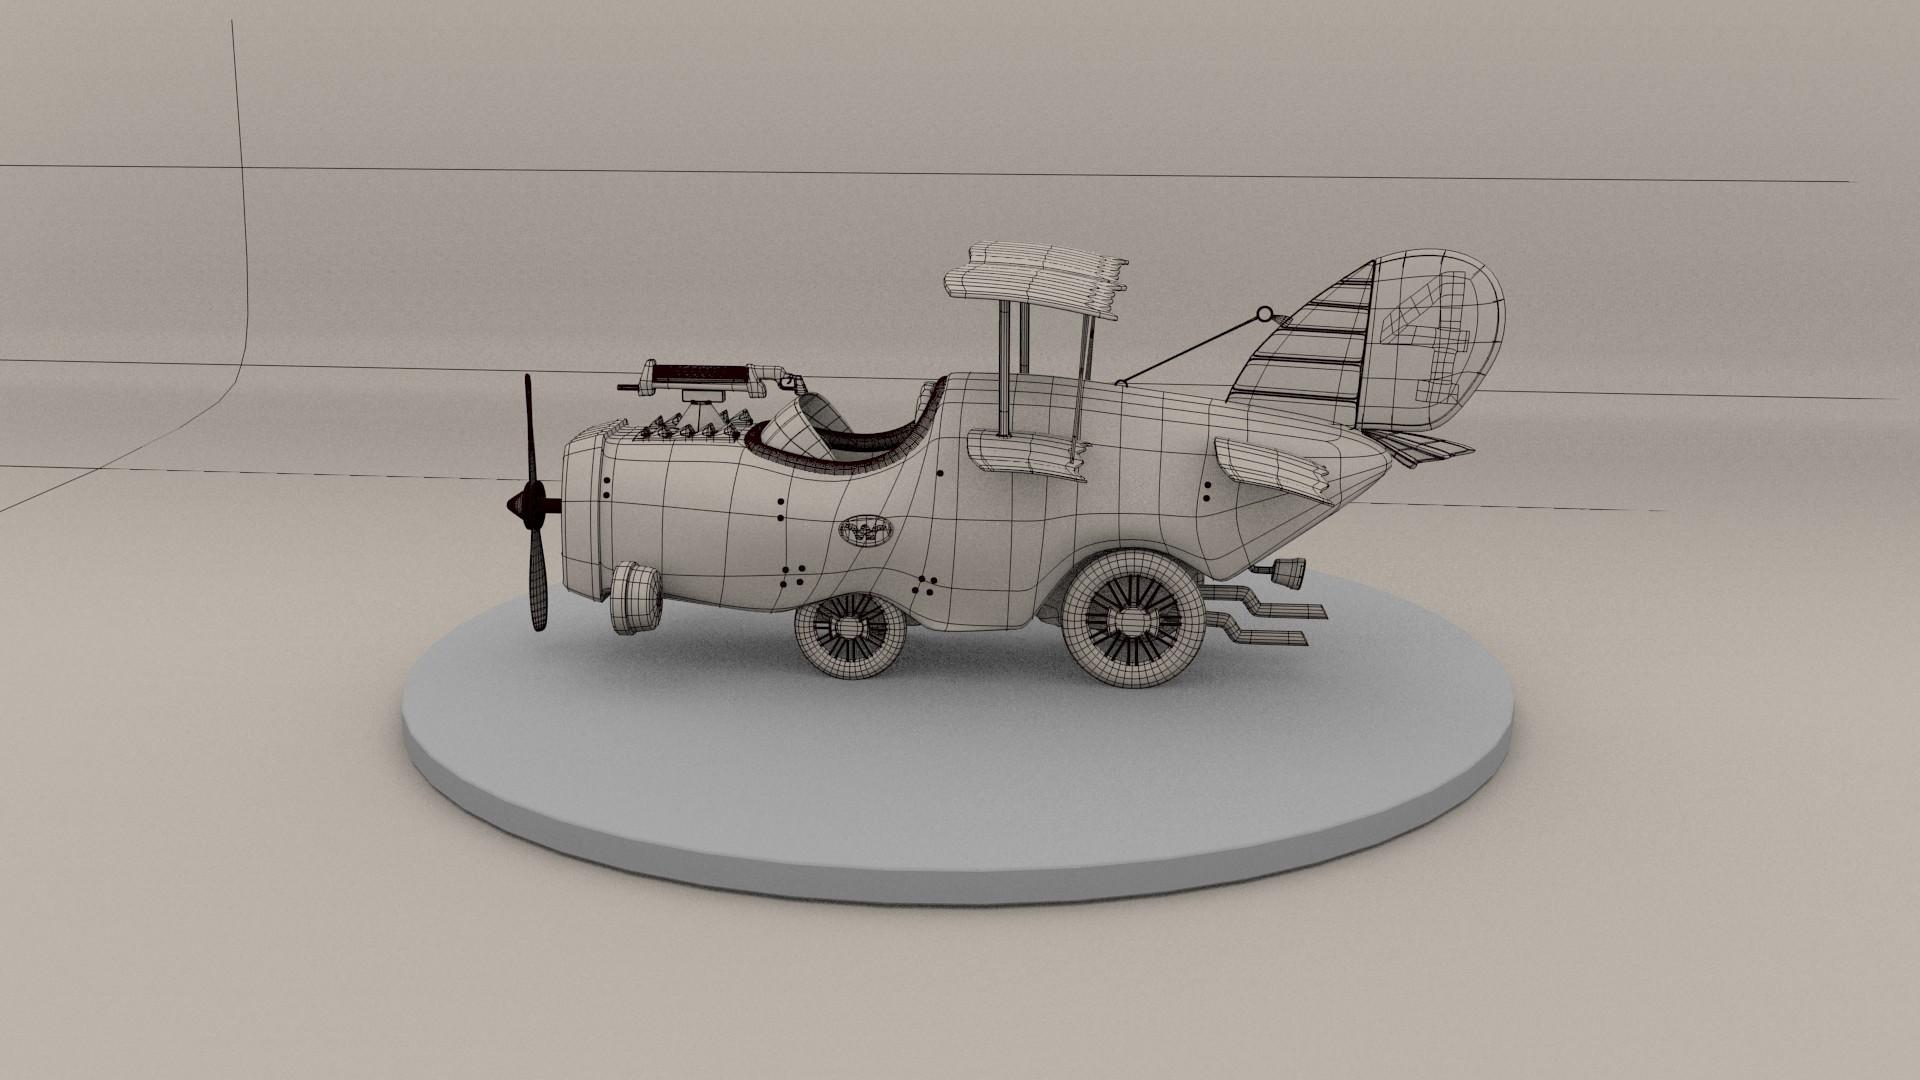 Los autos locos wacky races soliman-04-wire_el_estuka_rakuda.jpg